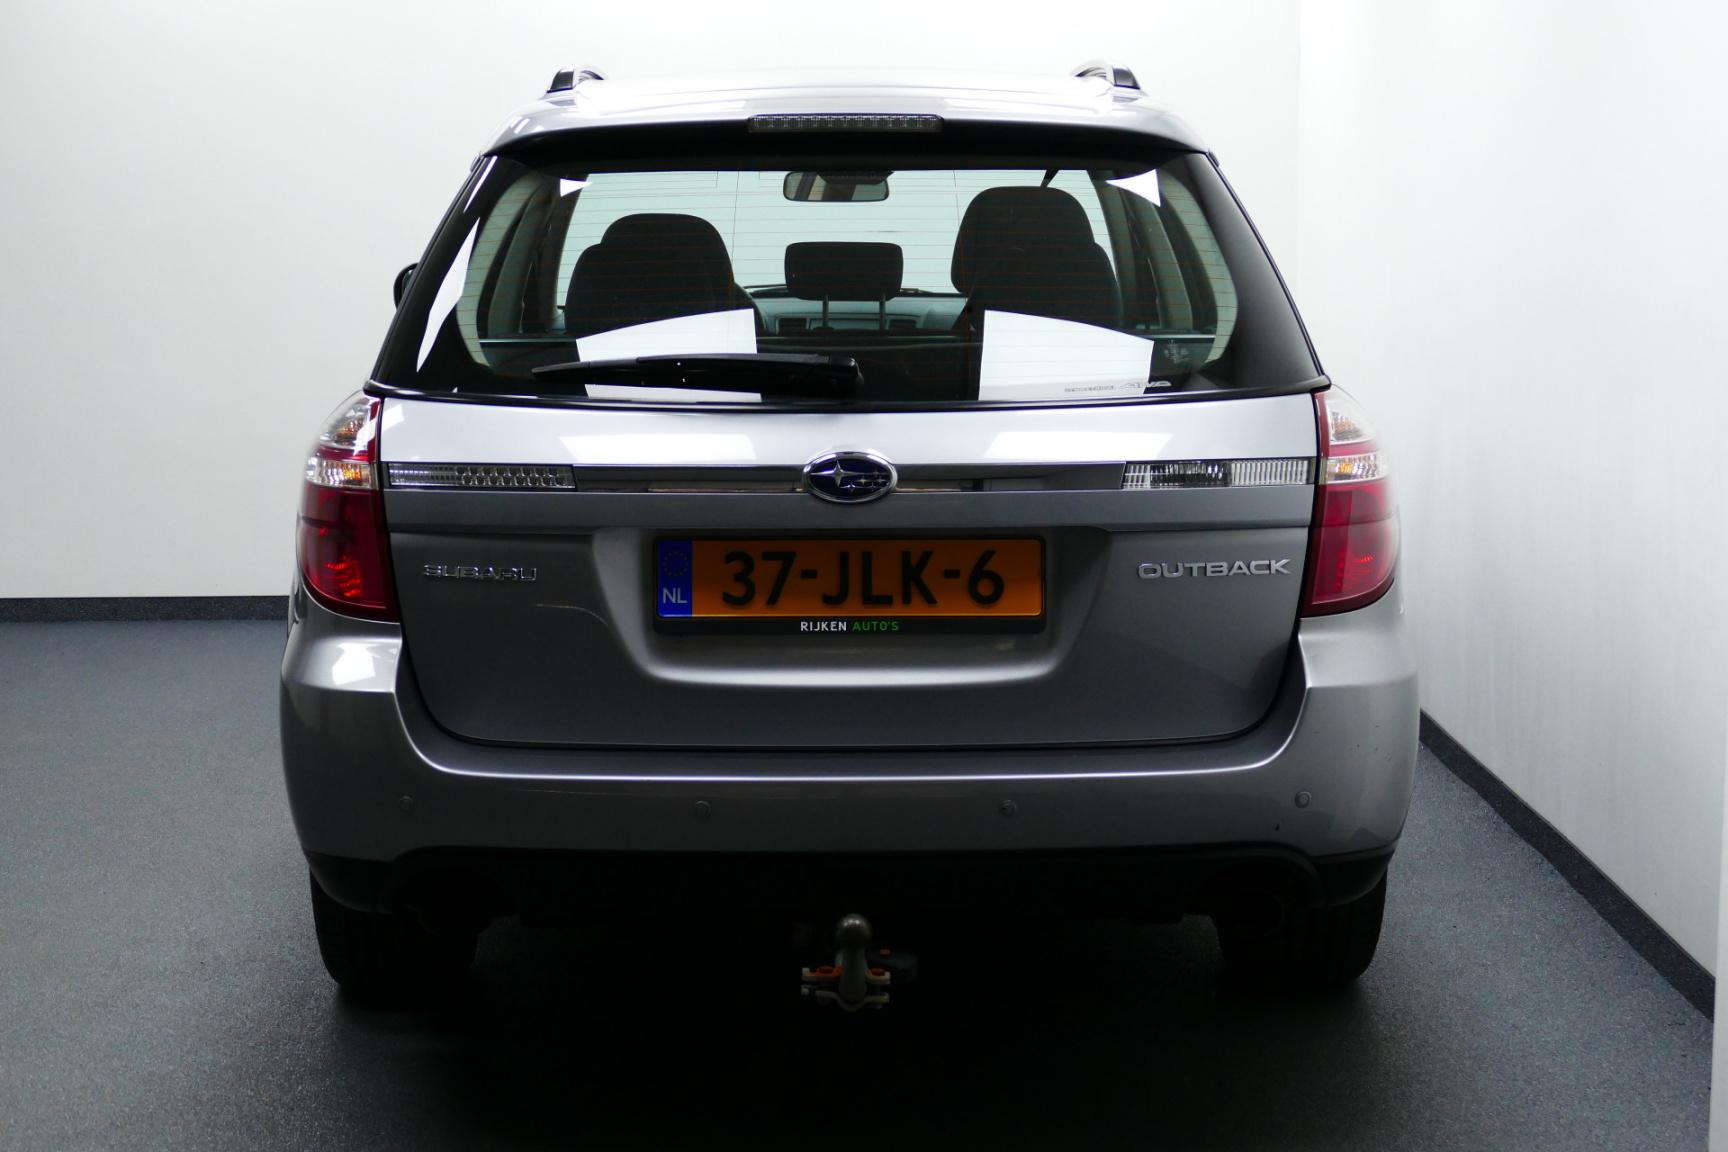 Subaru-Outback-19